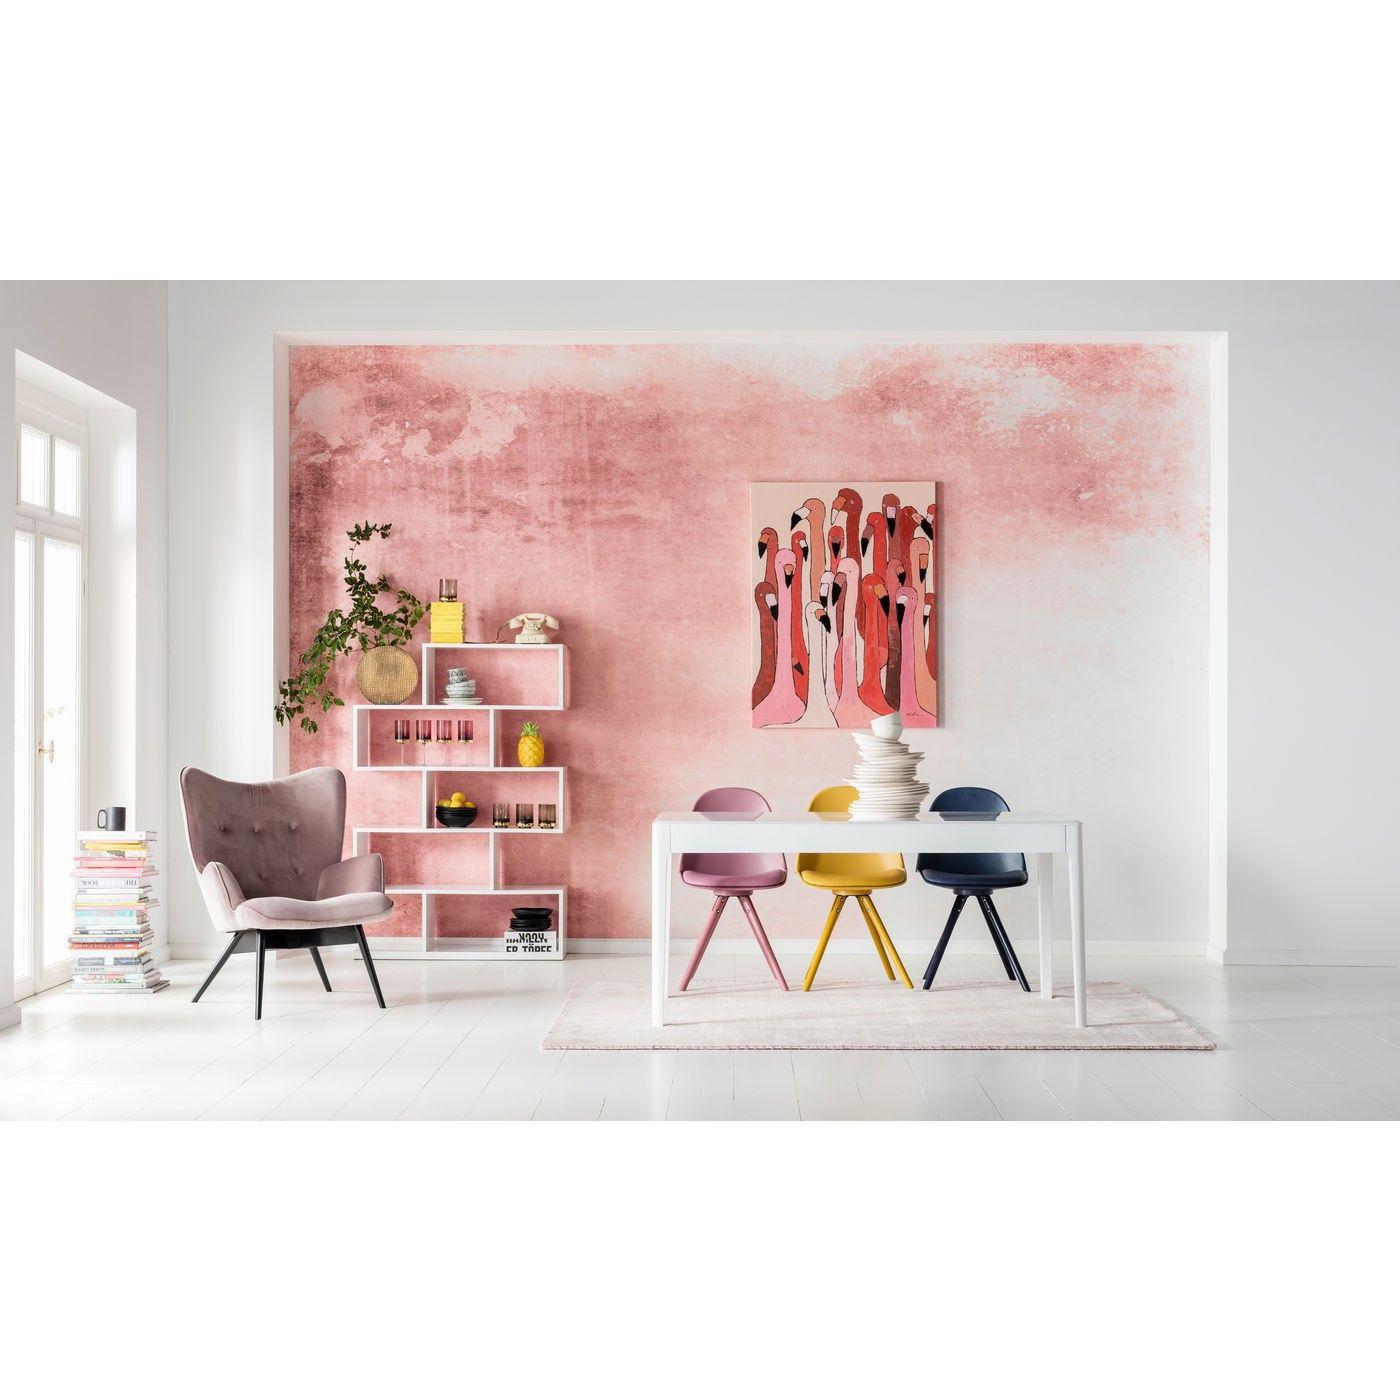 stuhl candy world pink - möbel - kare design | living design